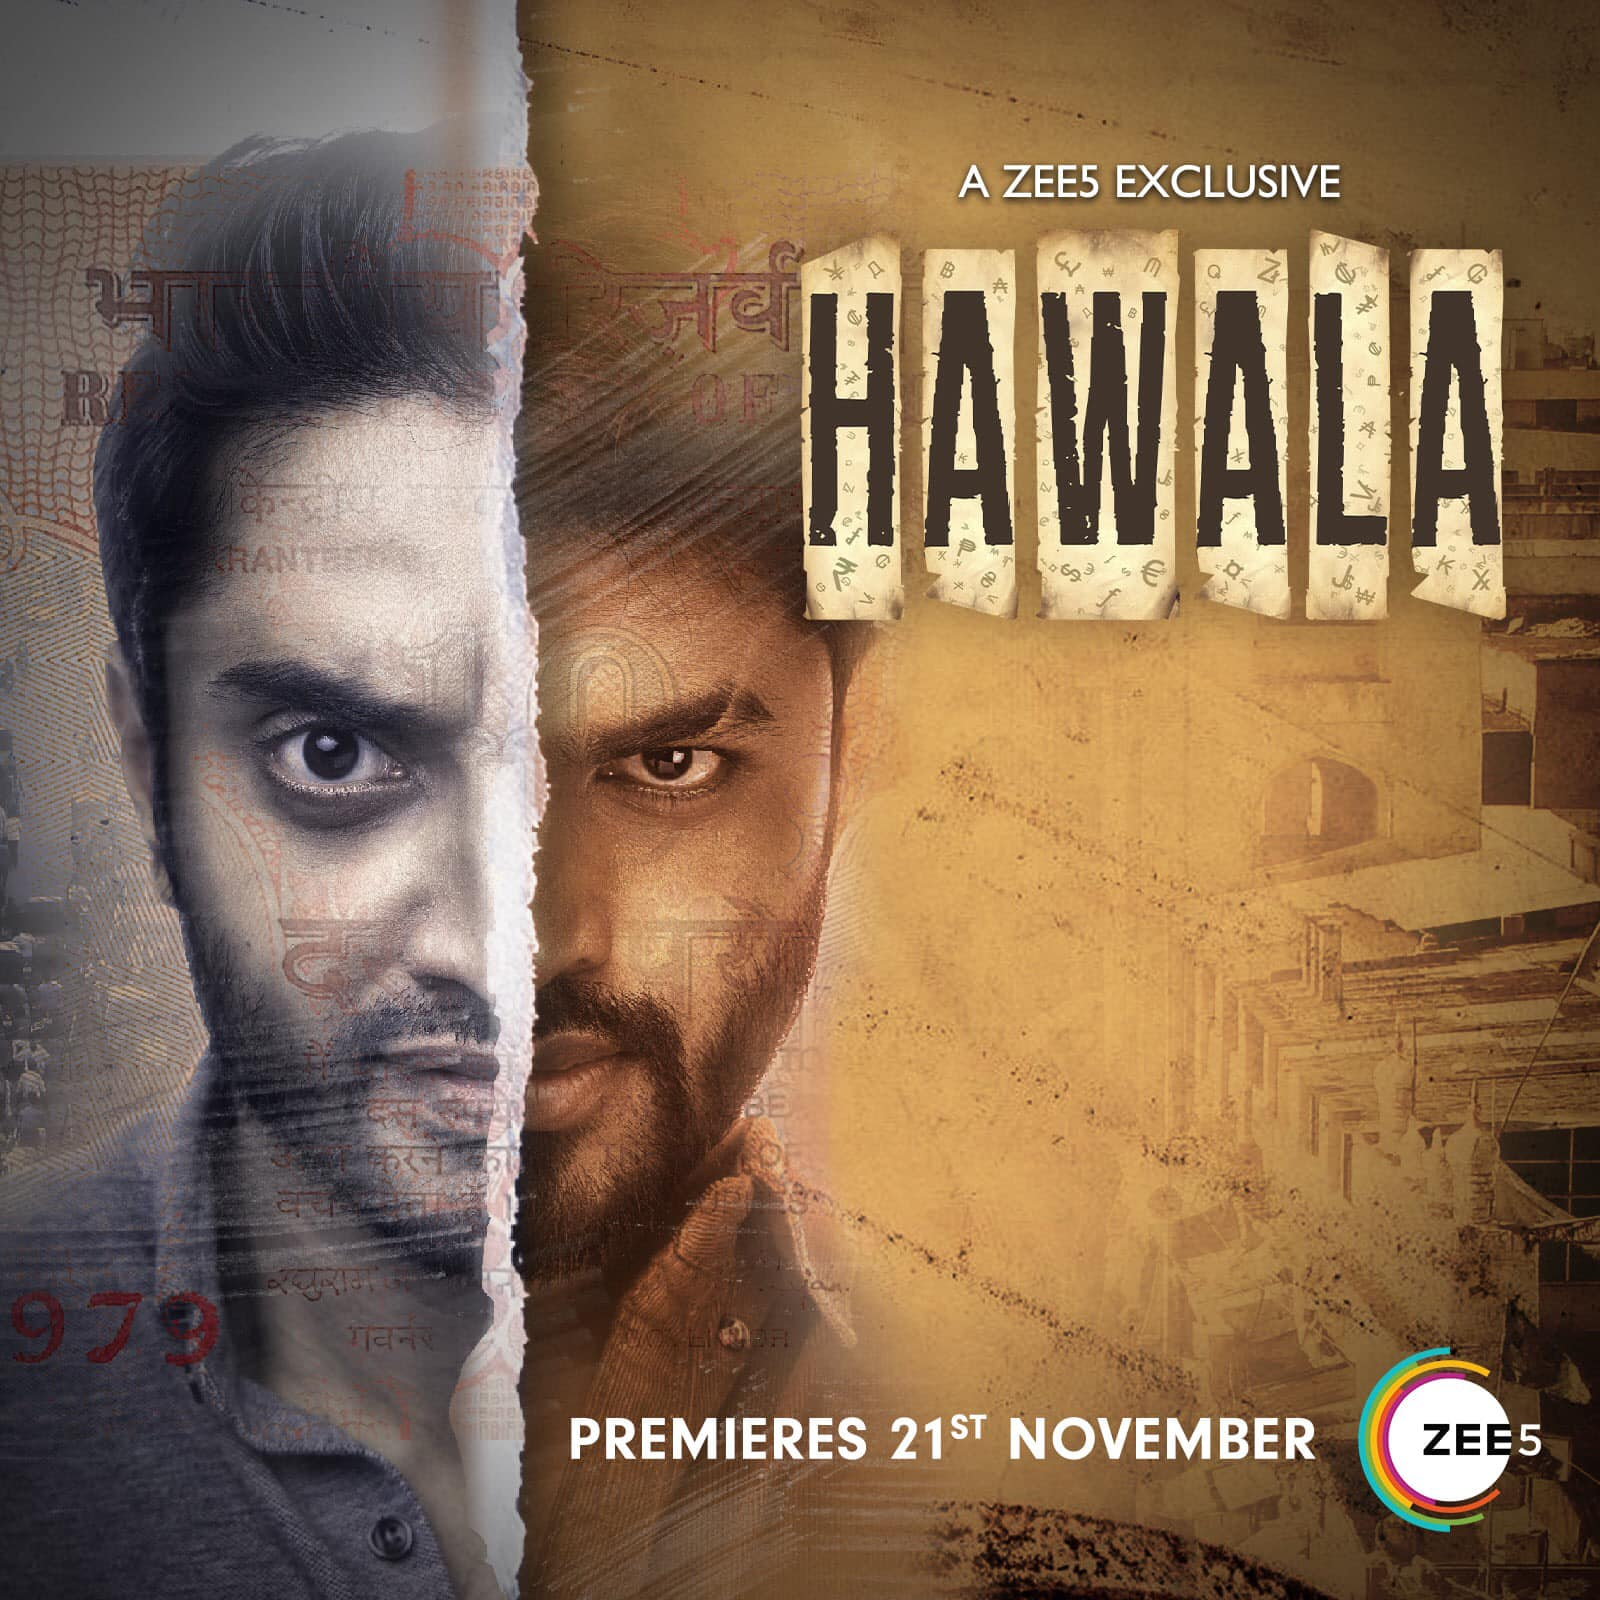 Hawala 2019 Zee5 Originals S01 1080p WEB-DL